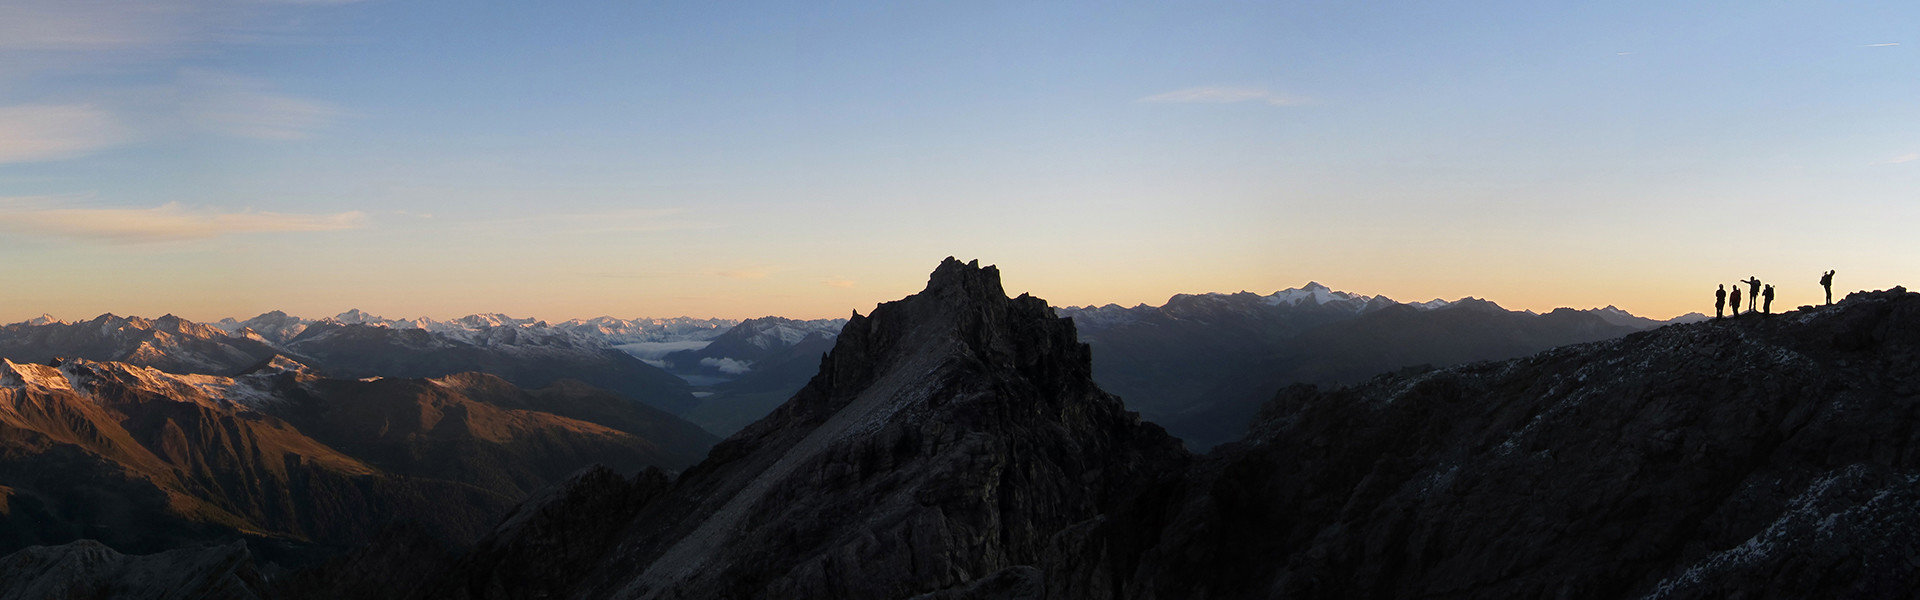 Bergsteiger im Morgengrauen in Richtung Gipfel